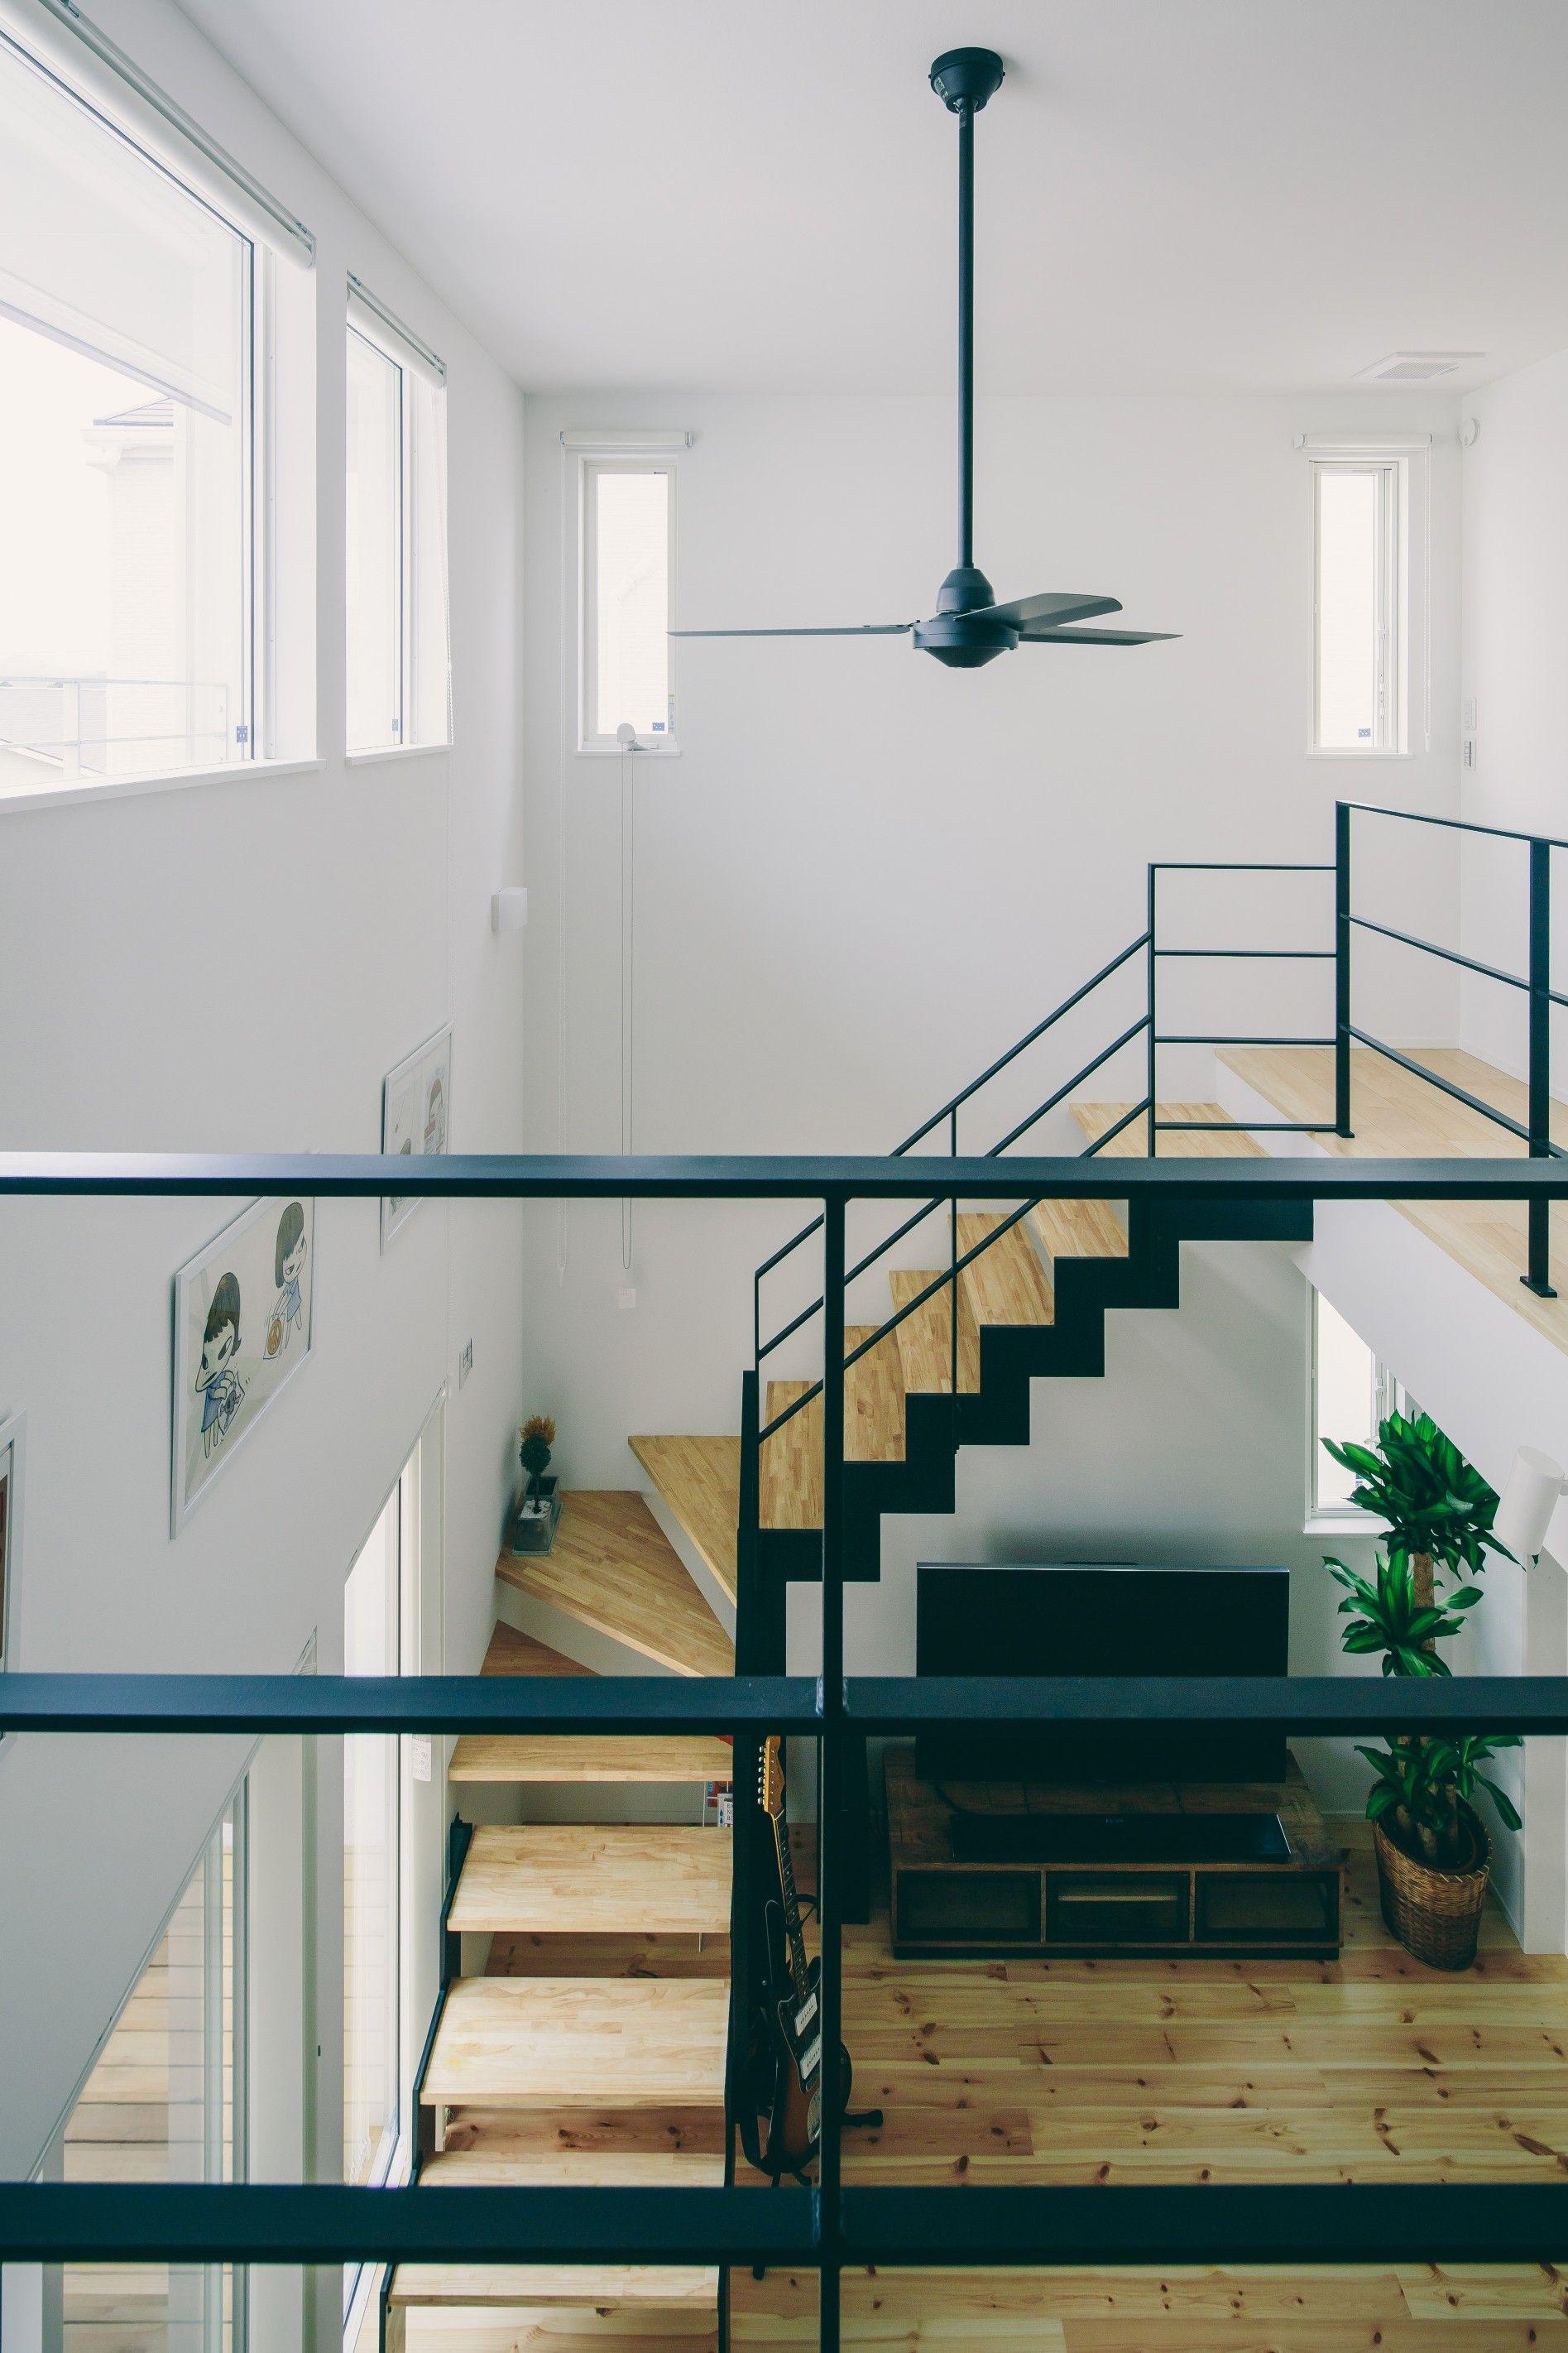 白とアイアン階段の対比が美しい吹き抜け ルポハウス 設計士とつくる